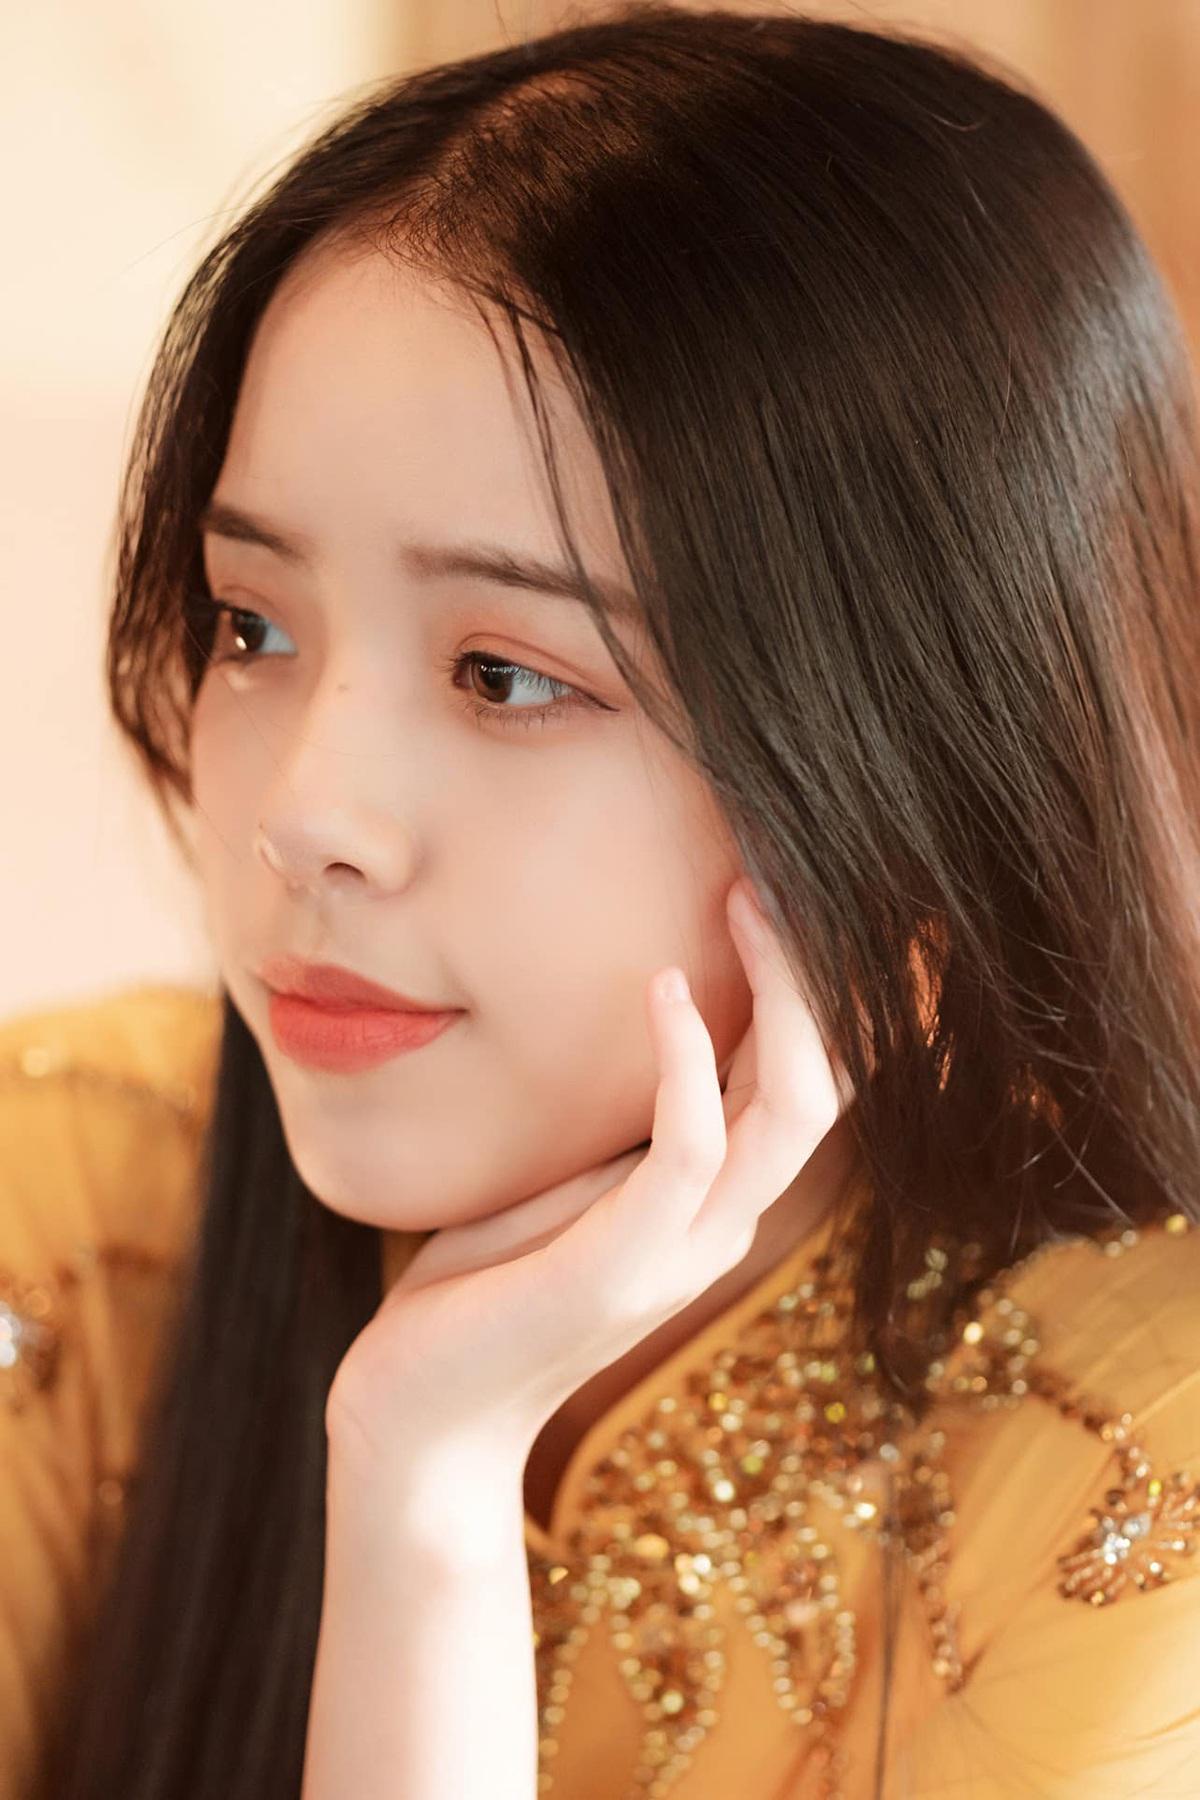 Nữ sinh Đà Nẵng khoe sắc xuân thì trong tà áo dài duyên dáng - 8